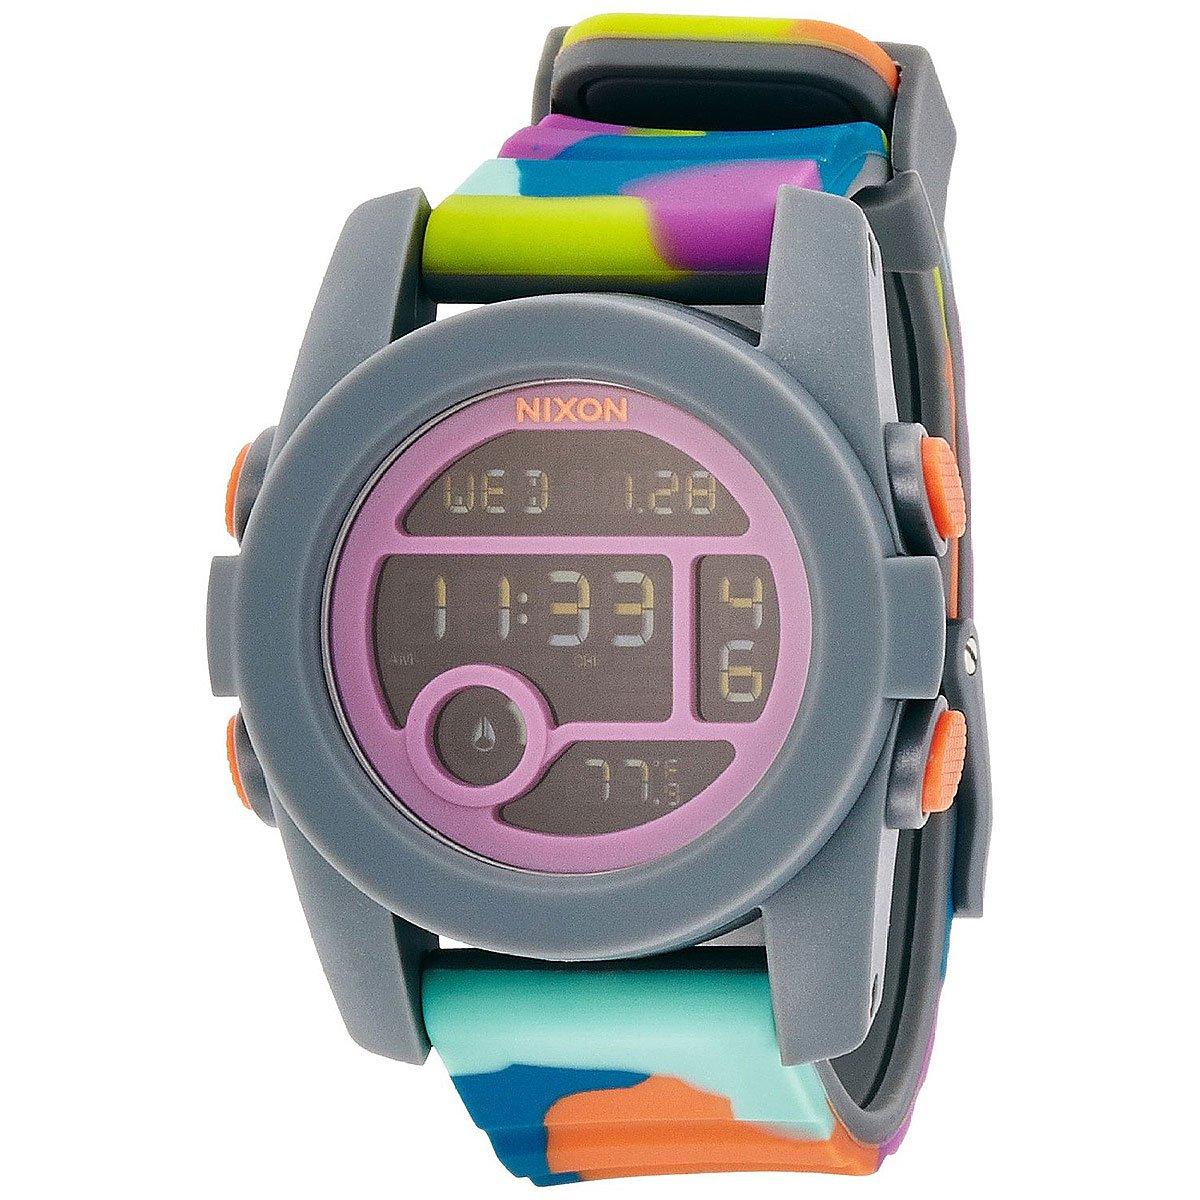 Купить часы nixon в магазине наручные часы tonino lamborghini